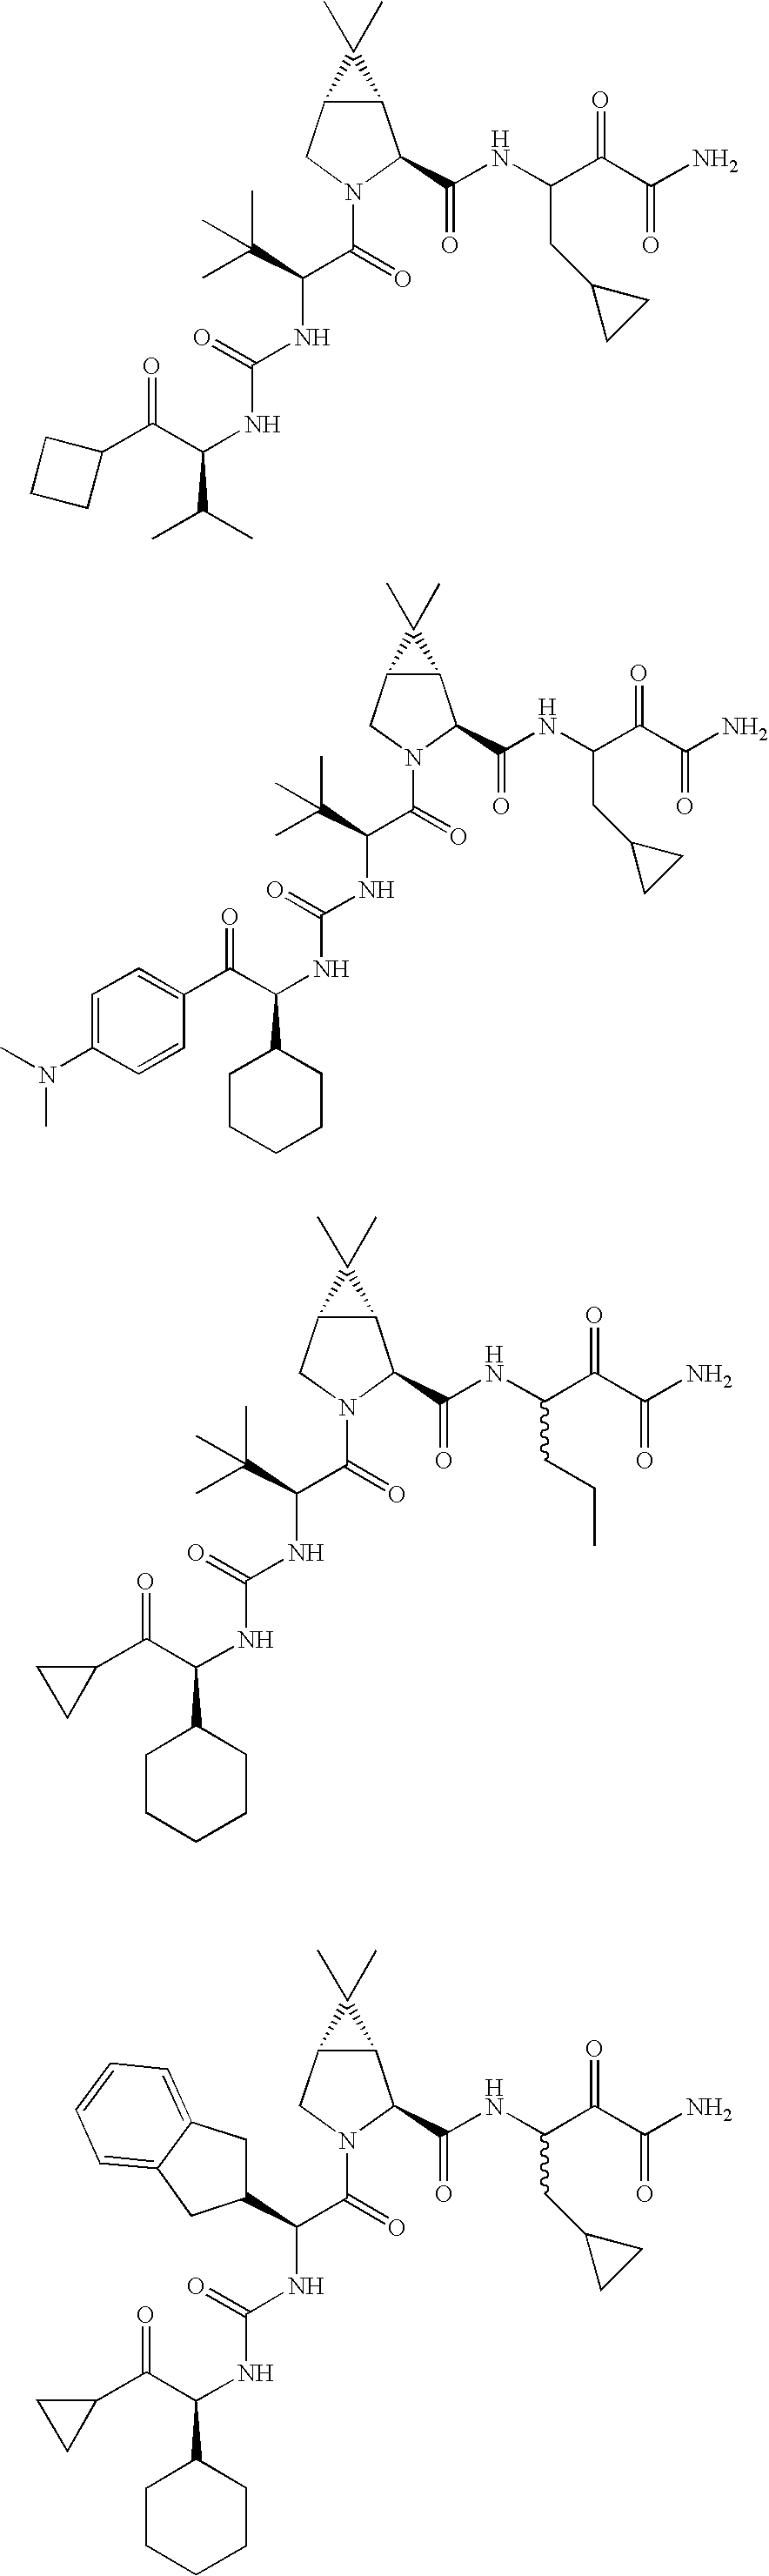 Figure US20060287248A1-20061221-C00229